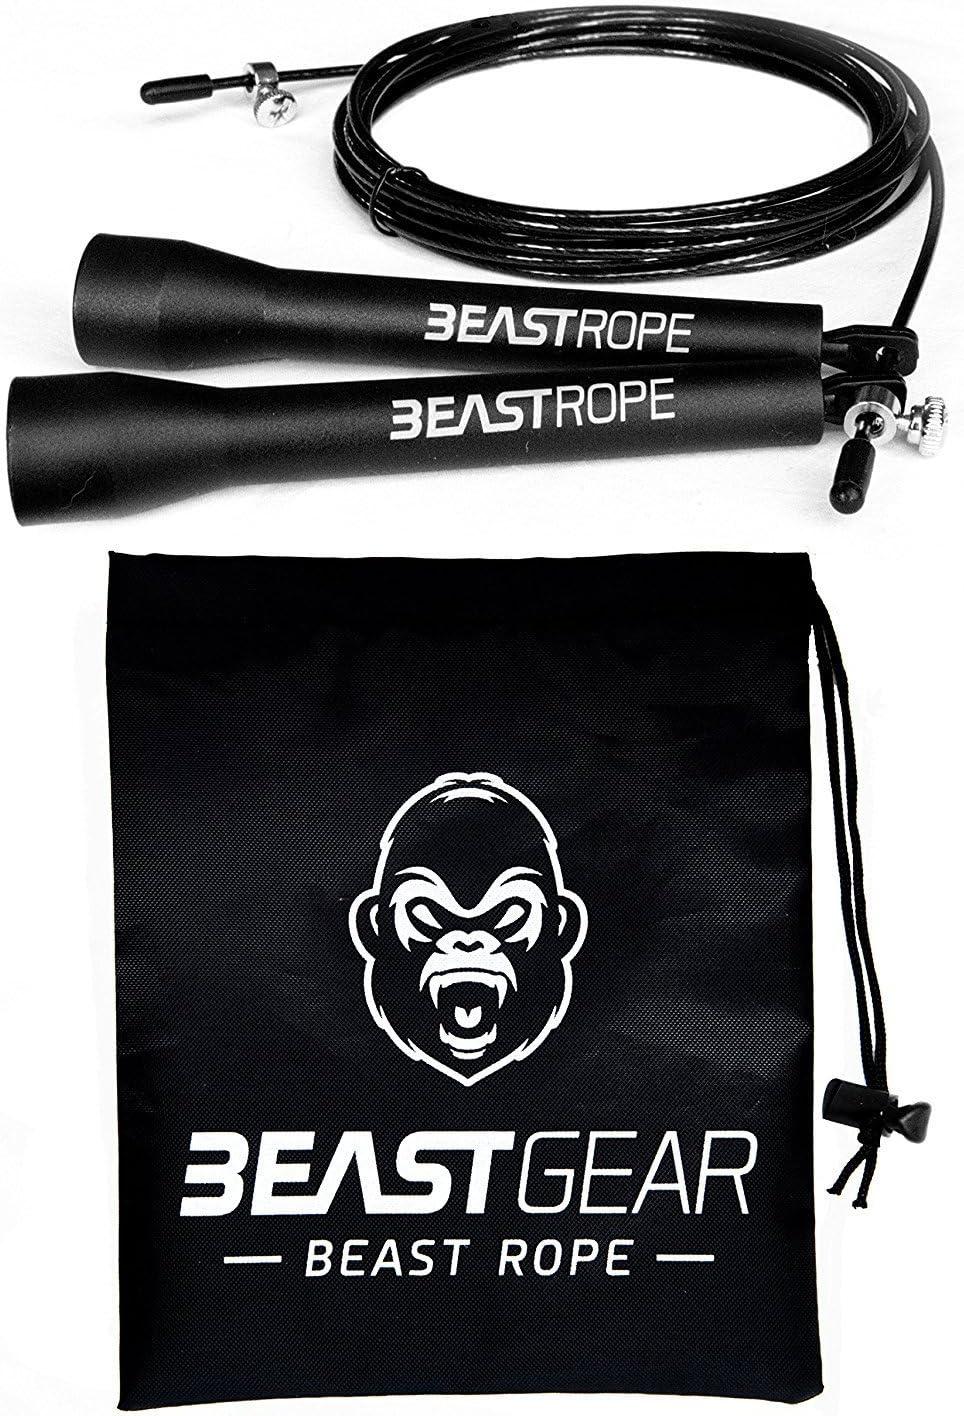 Cuerda para saltar de alta velocidad de Beast Gear. Comba de CrossFit, Boxeo, MMA. Longitud Ajustable y Rodamientos Ligeros, Ideal para Saltos Dobles. Garantía de por vida